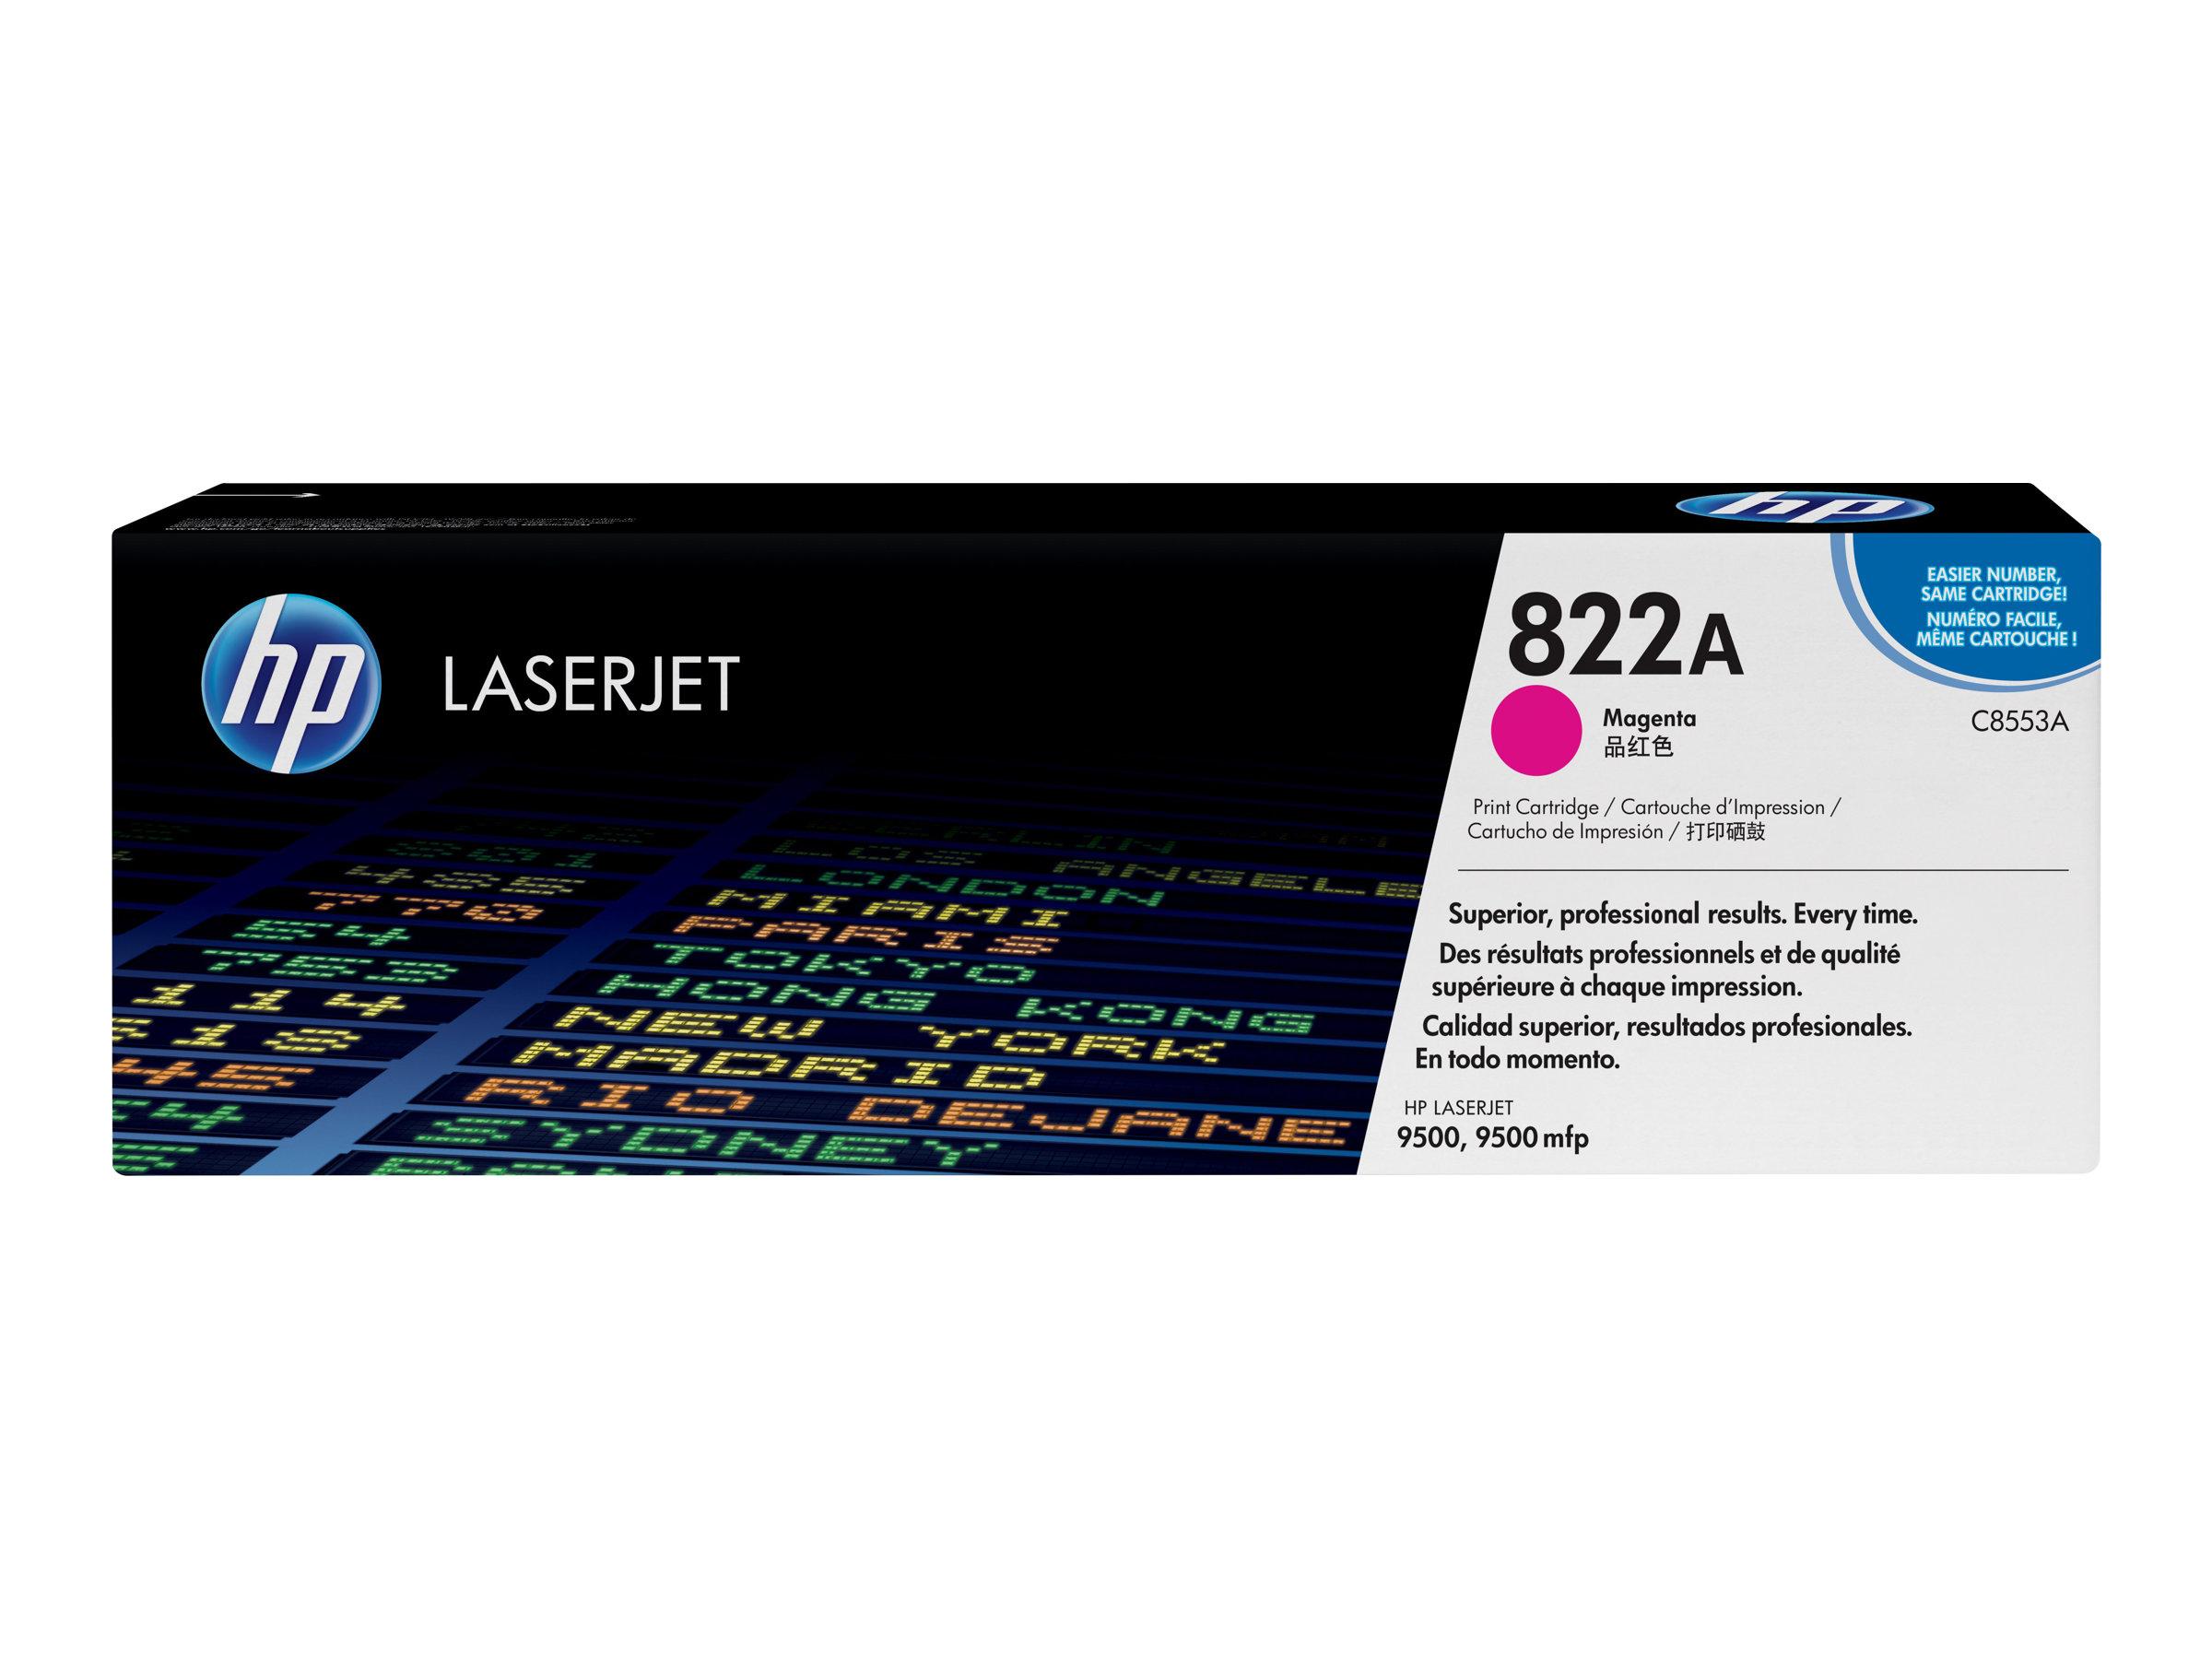 HP 822A - magenta - originale - LaserJet - cartouche de toner (C8553A)